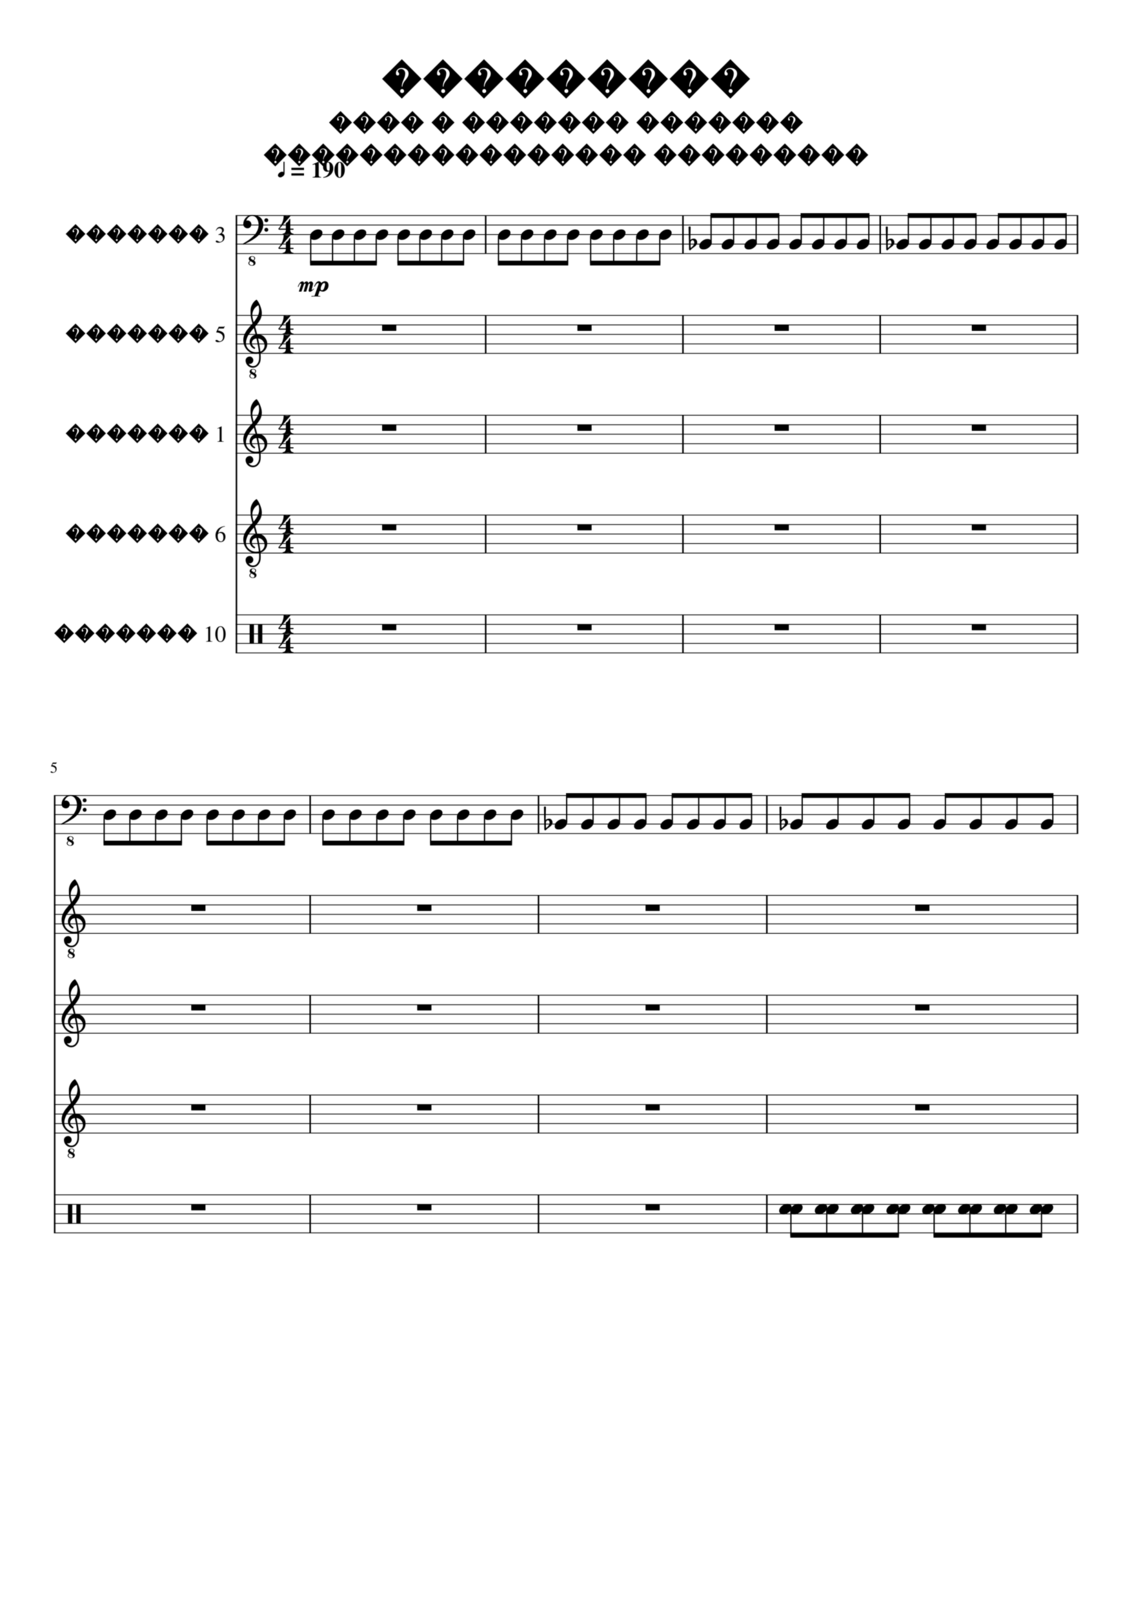 Dekoratsii slide, Image 1